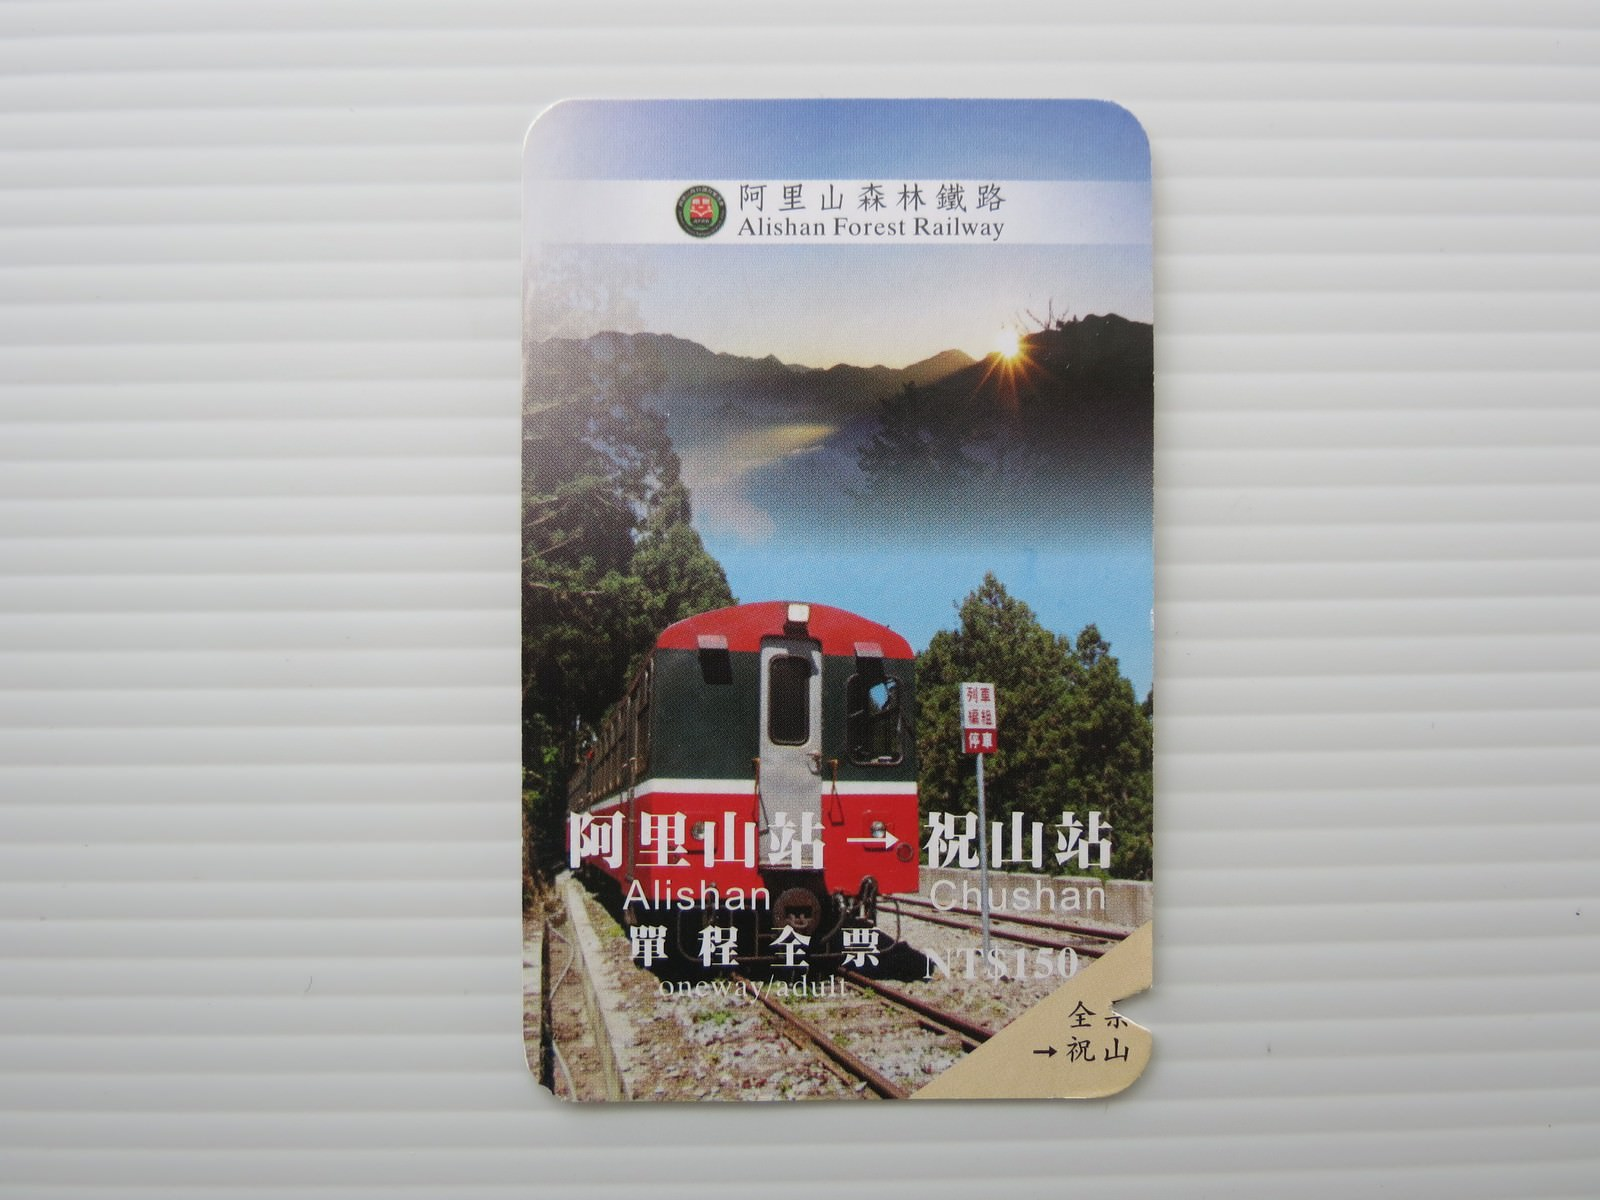 阿里山林業鐵路(森林小火車), 祝山車站車票